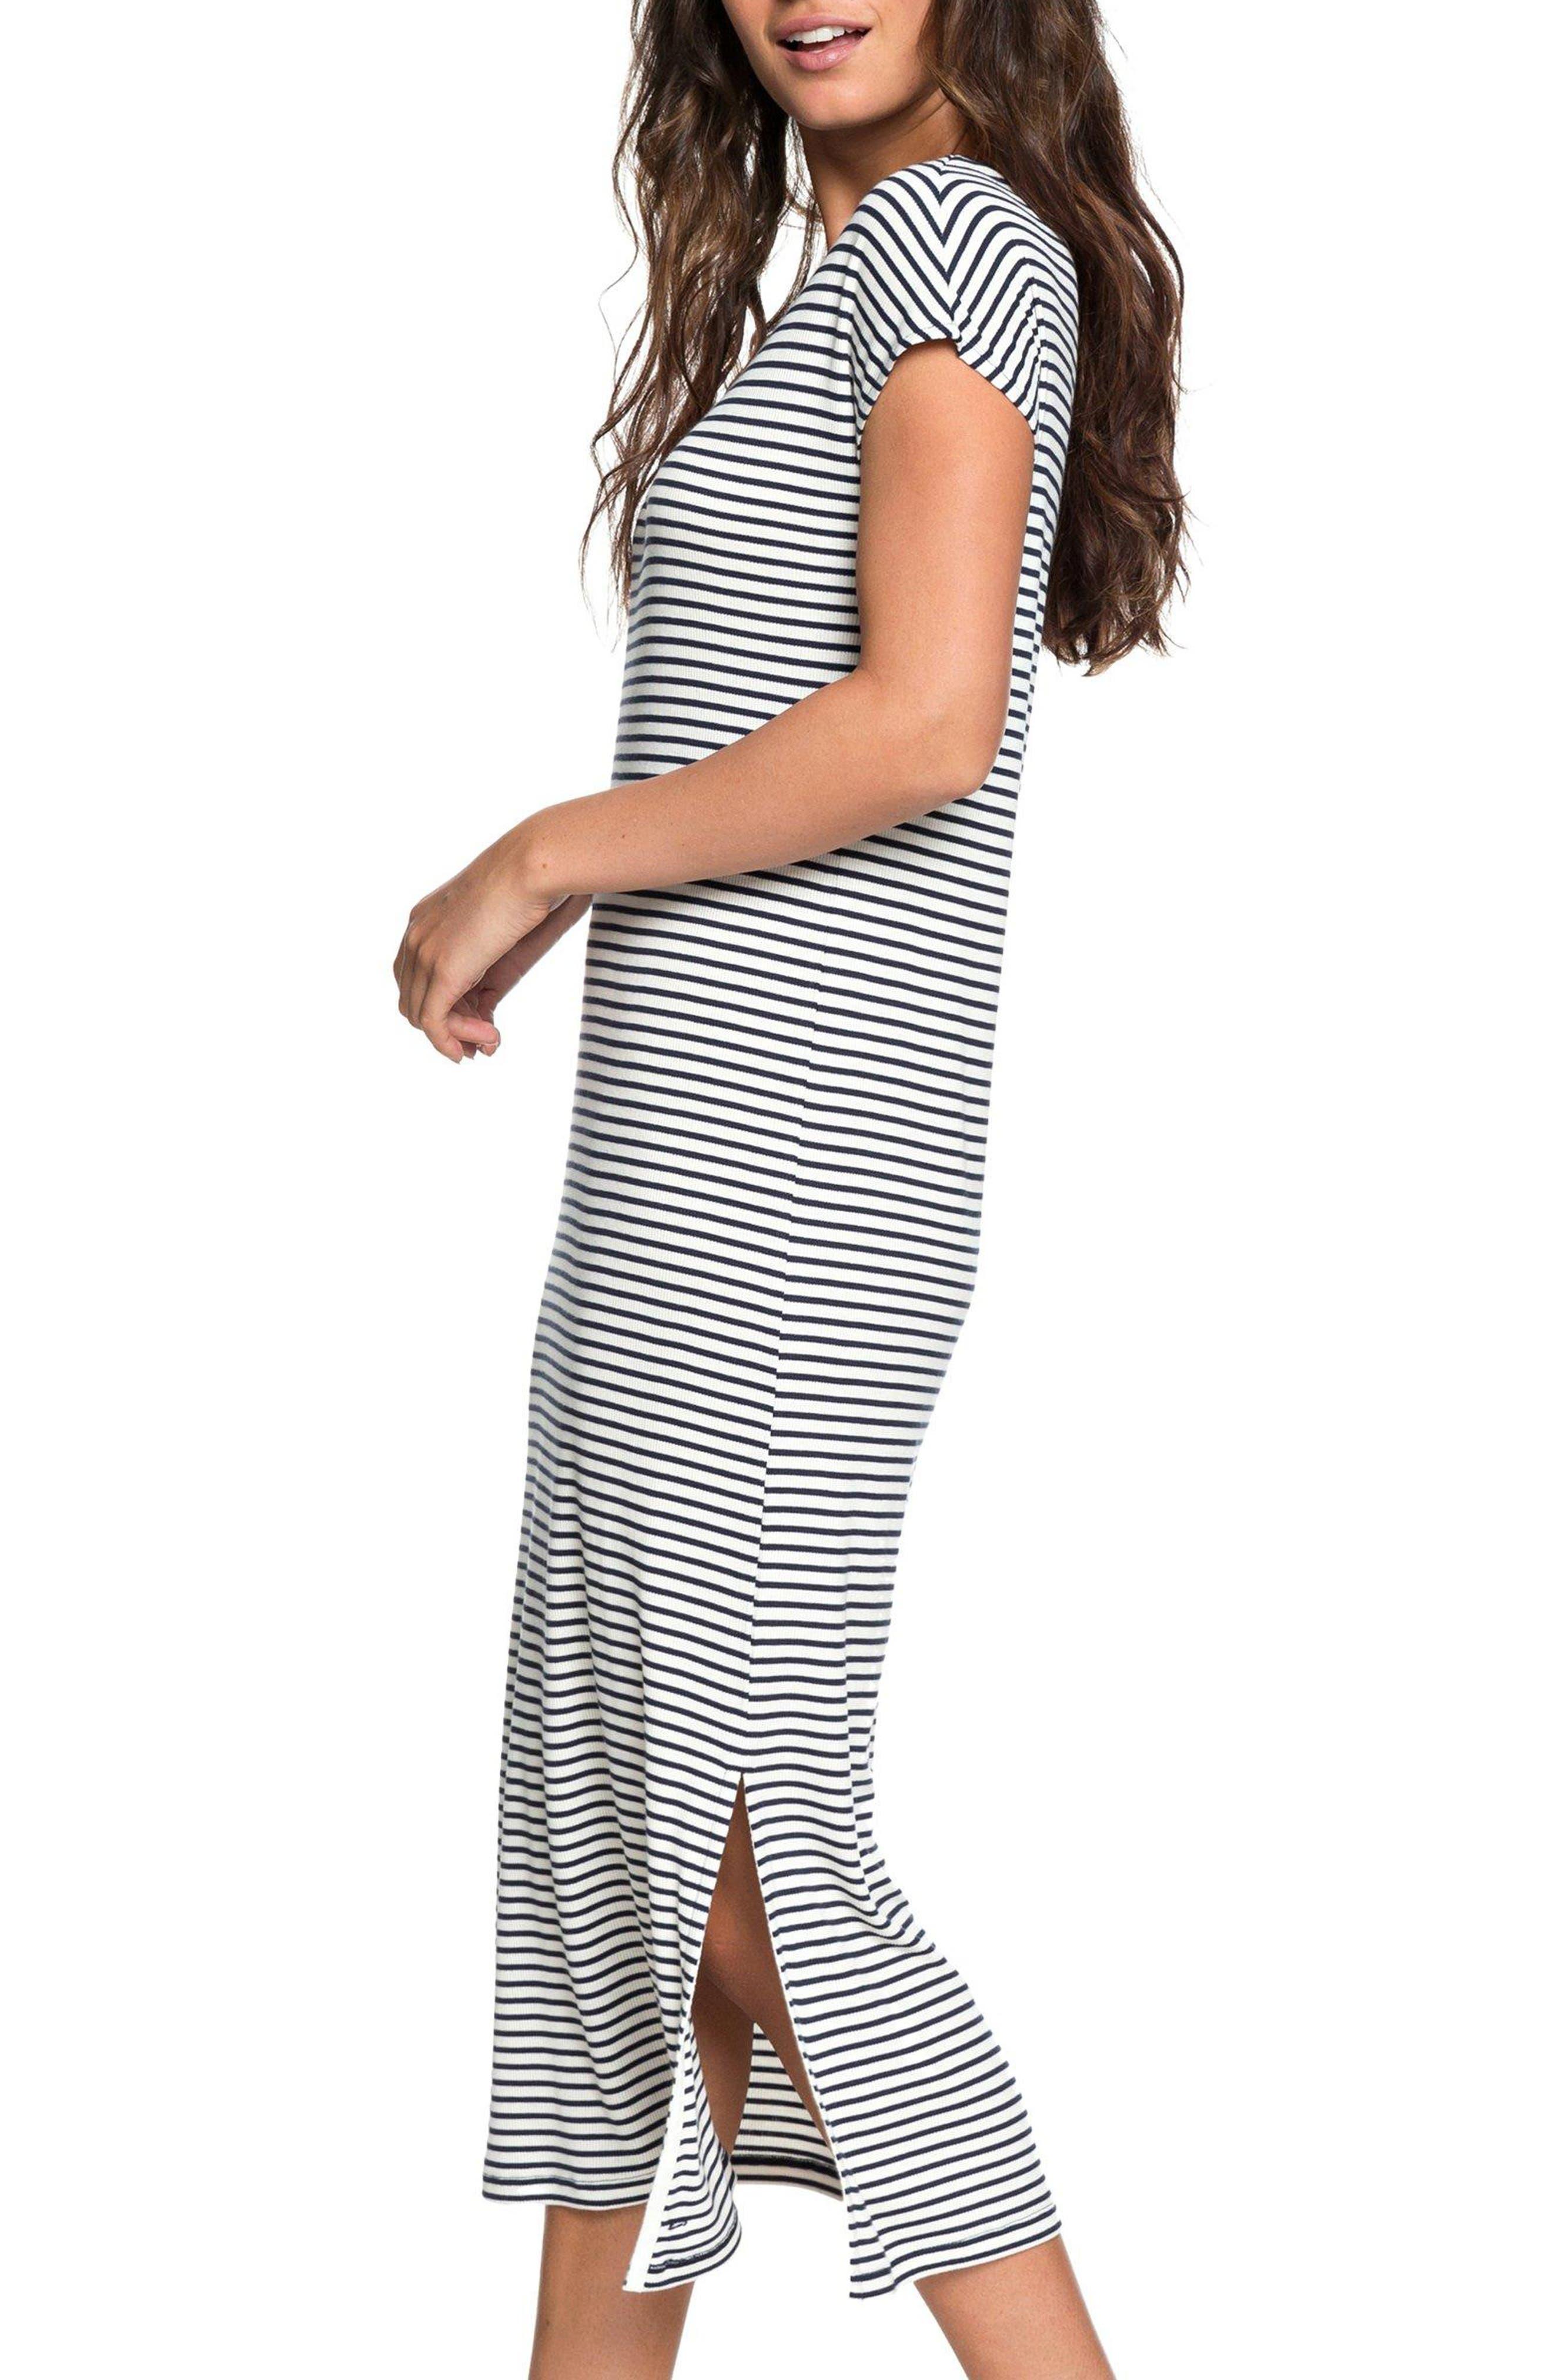 Make It New Stripe Midi Dress,                             Alternate thumbnail 3, color,                             100